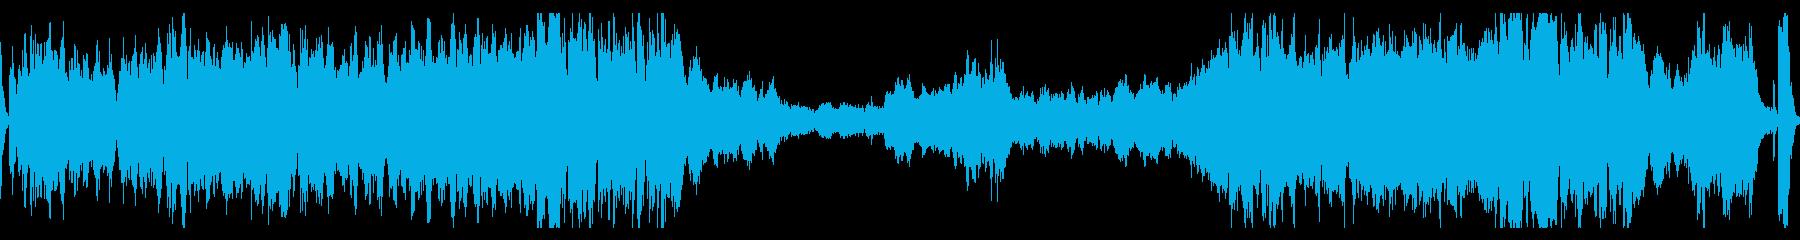 和風/大河ドラマ風雄大なフルオーケストラの再生済みの波形